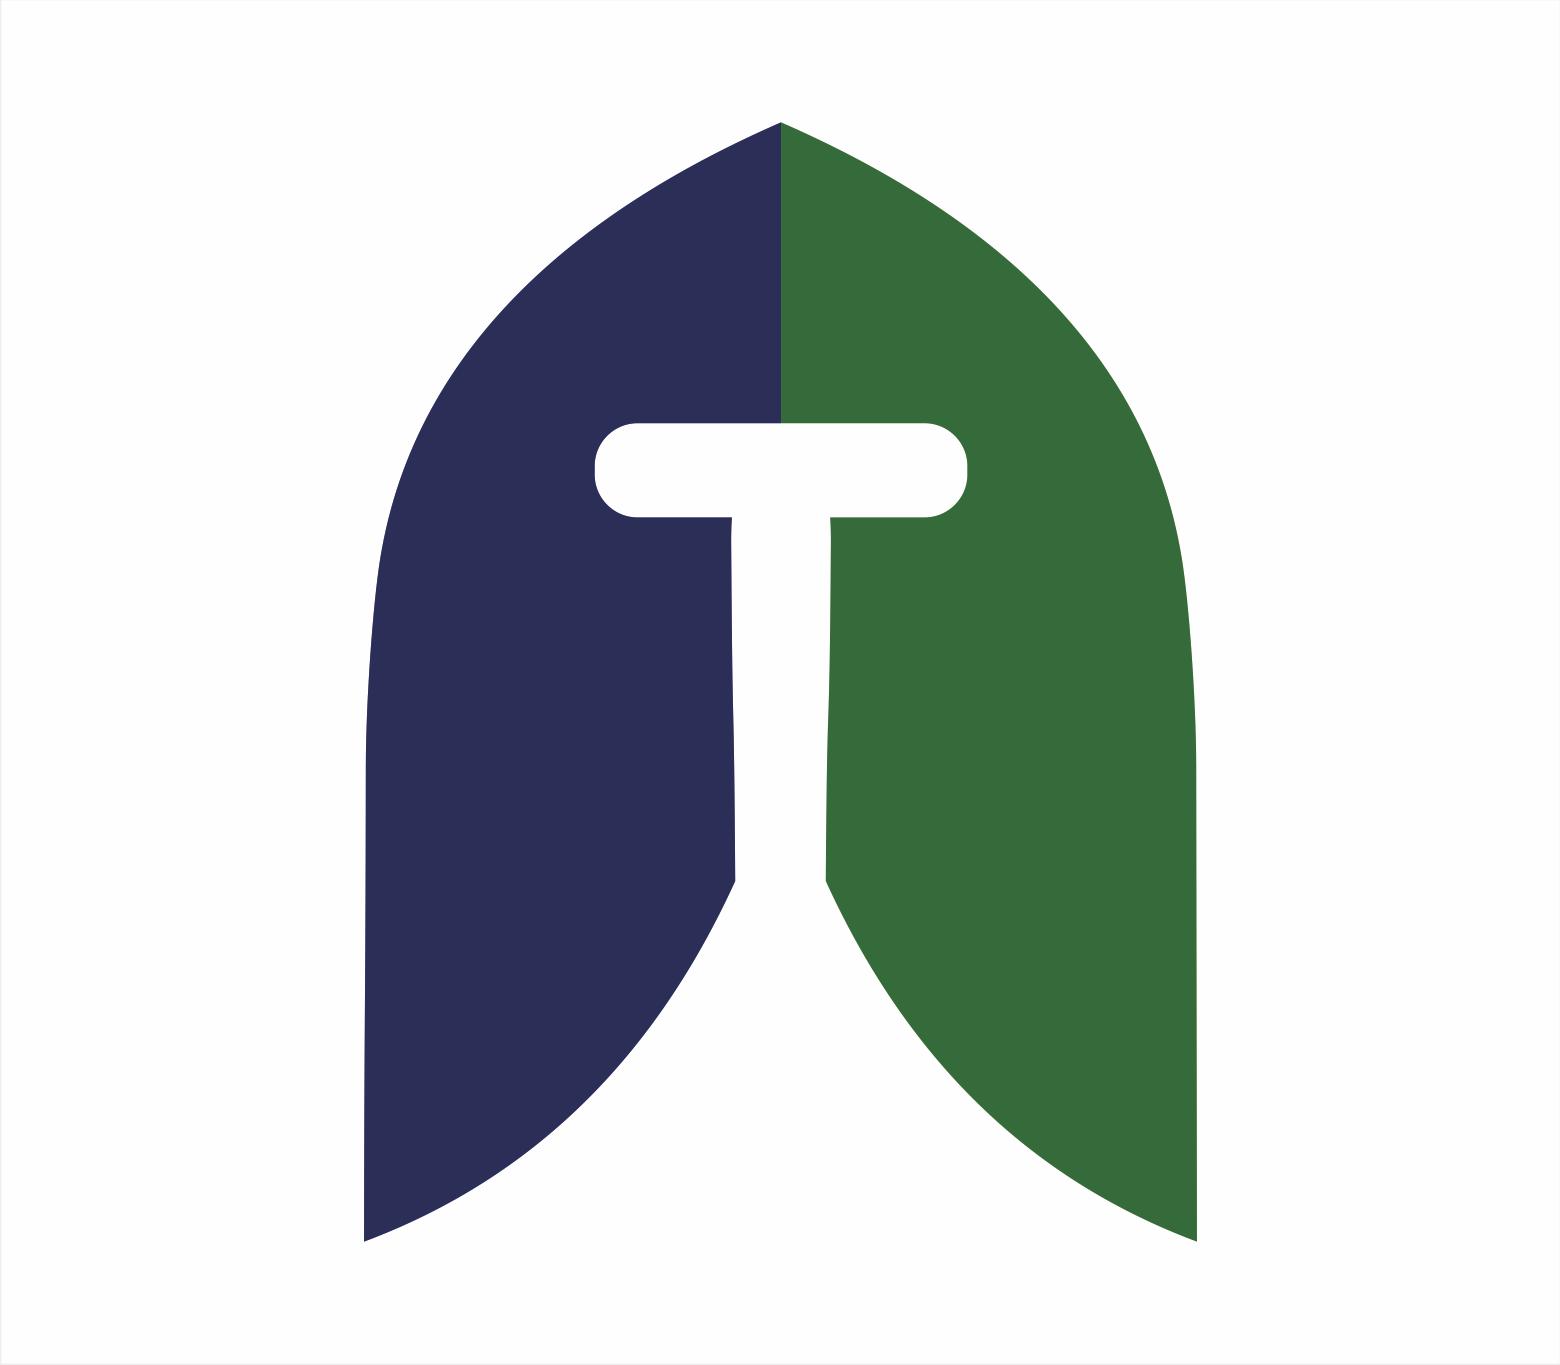 Логотип и фирменный стиль фото f_3235ef772cd52a0e.png